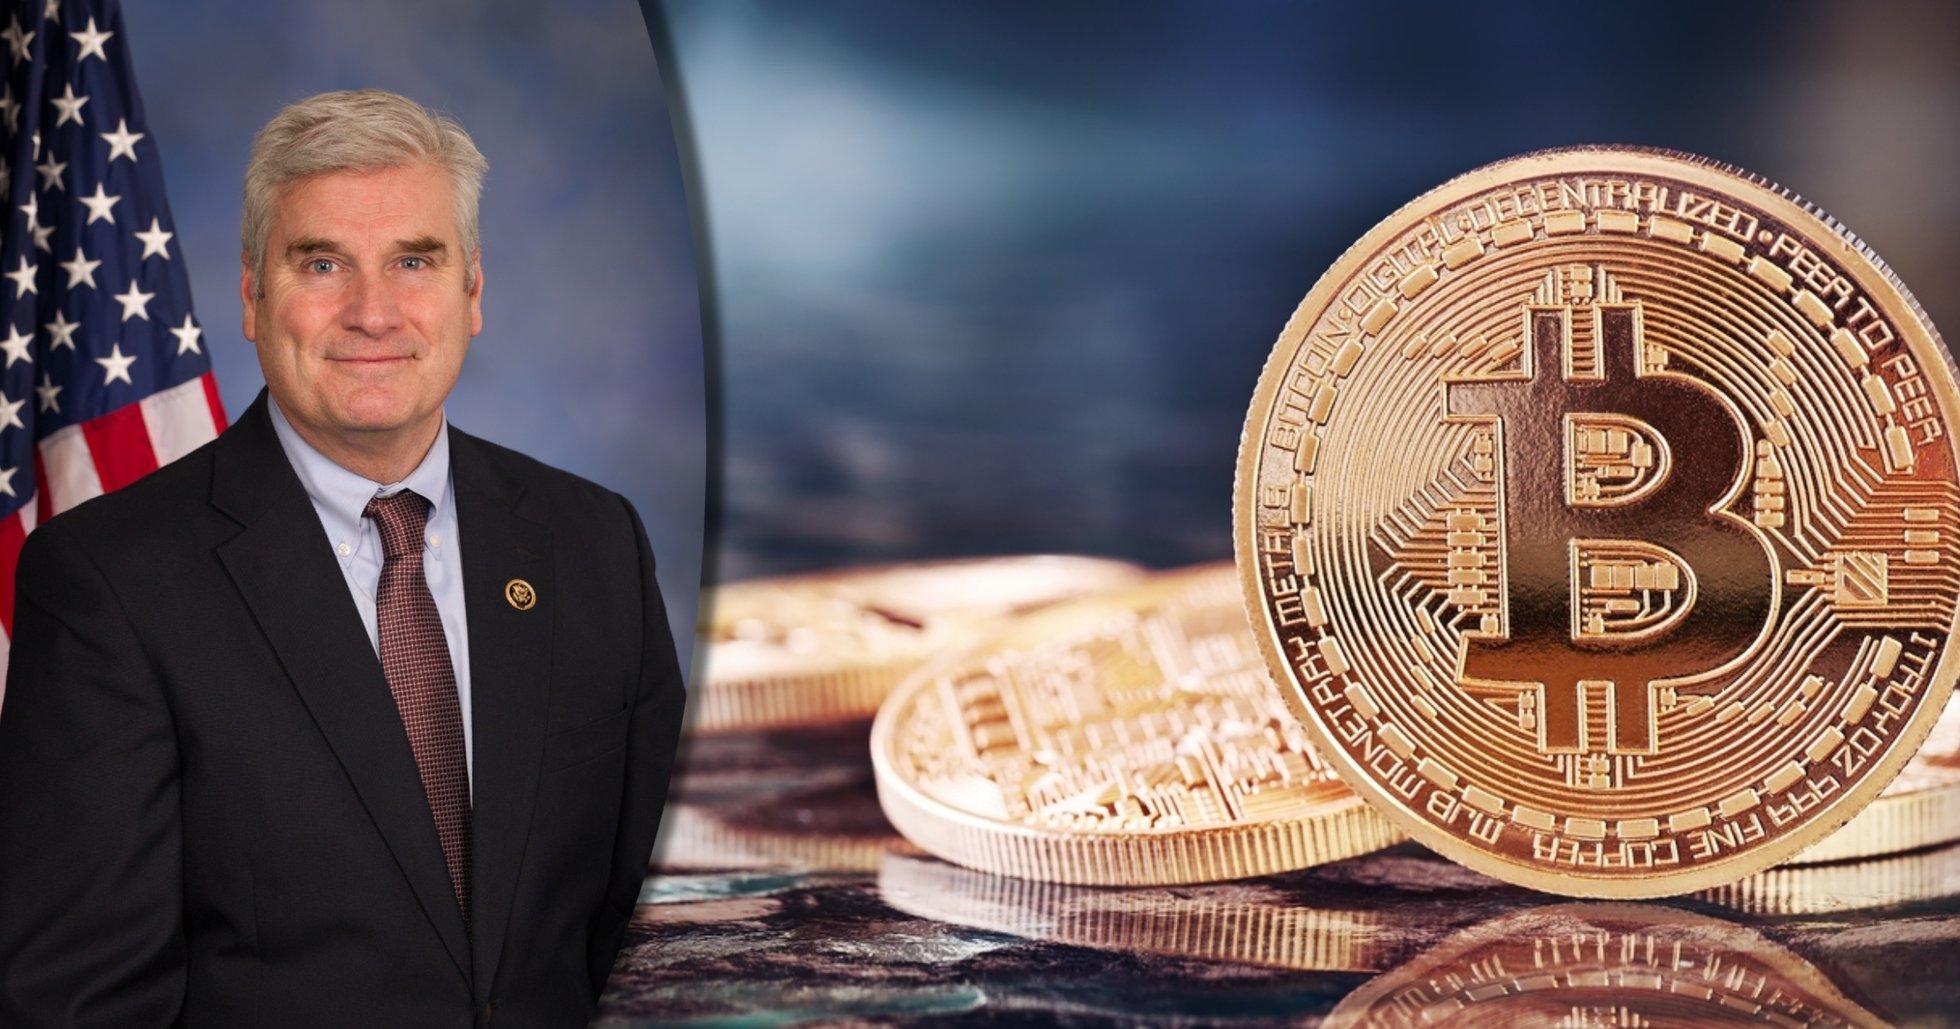 Amerikansk kongressledamot hyllar bitcoin: Kommer att gå starkare ur krisen